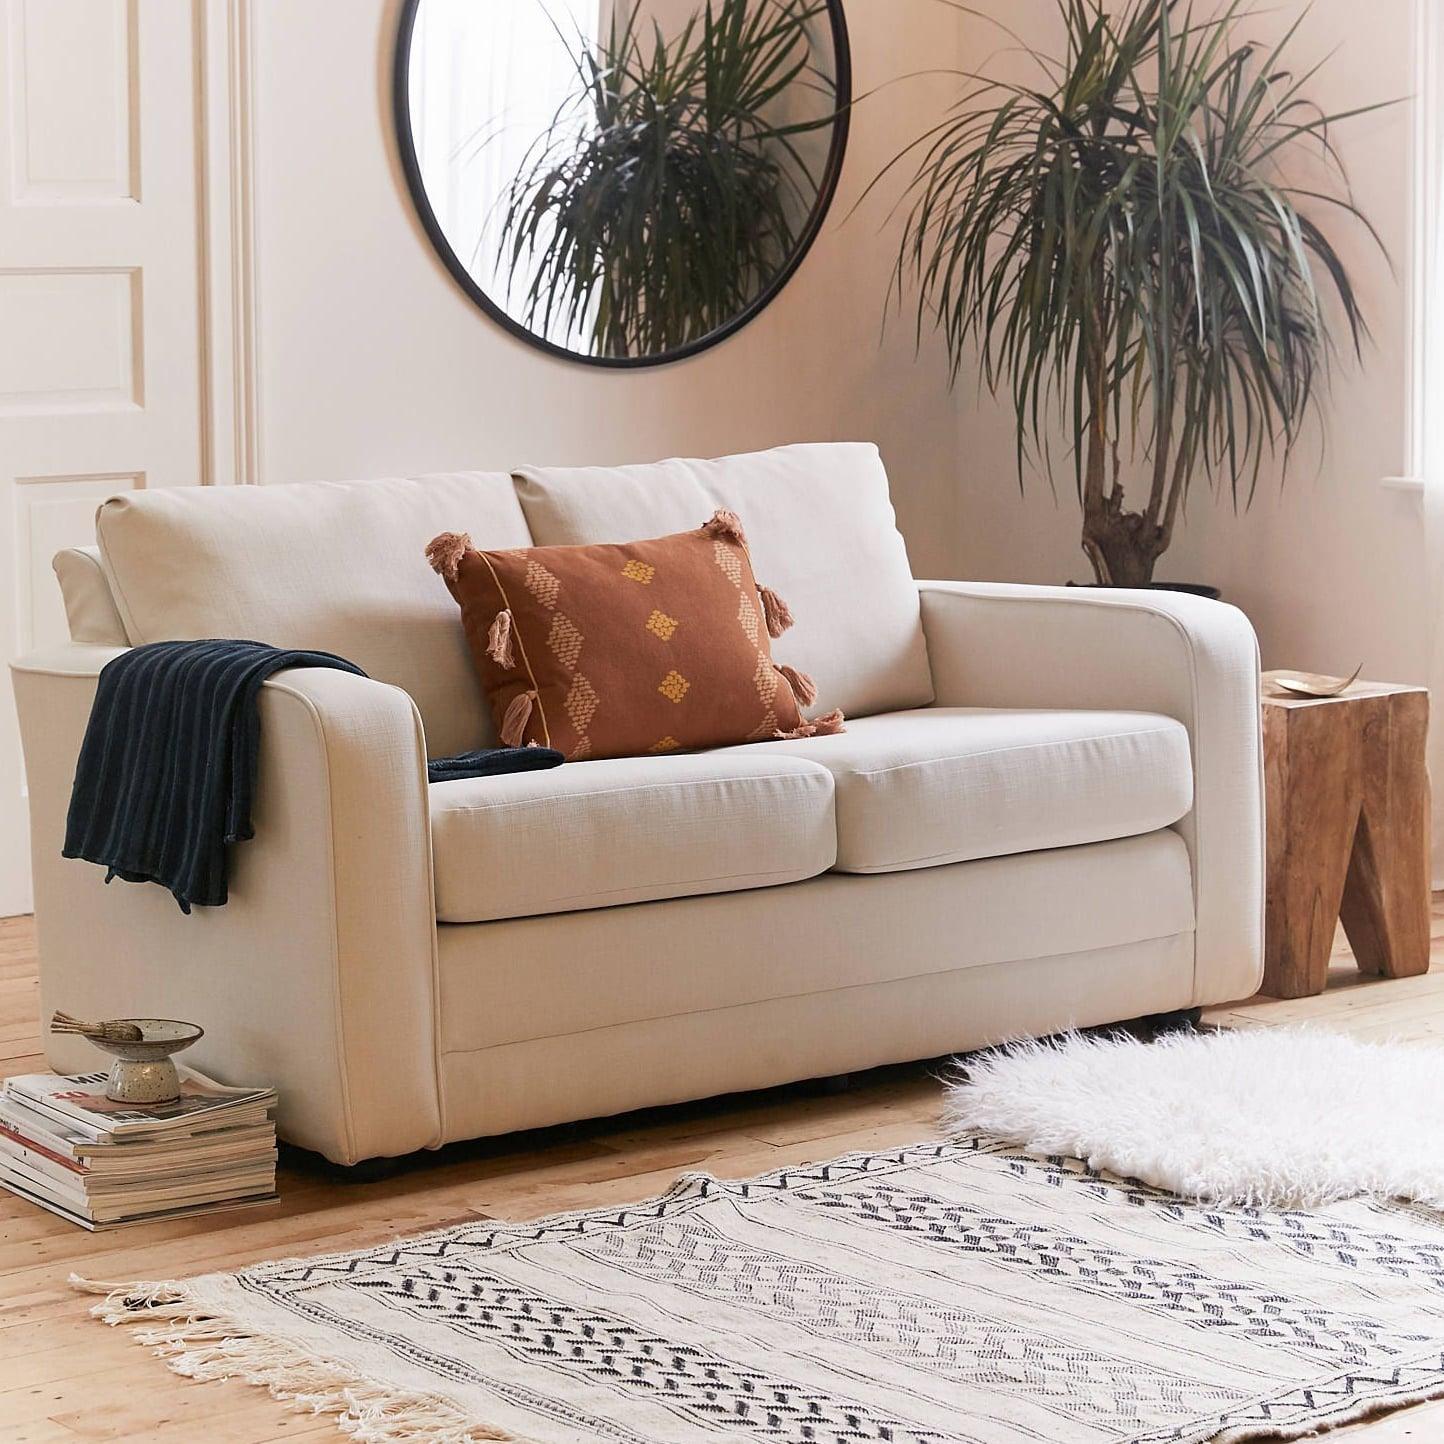 Best Small Sofas | POPSUGAR Home